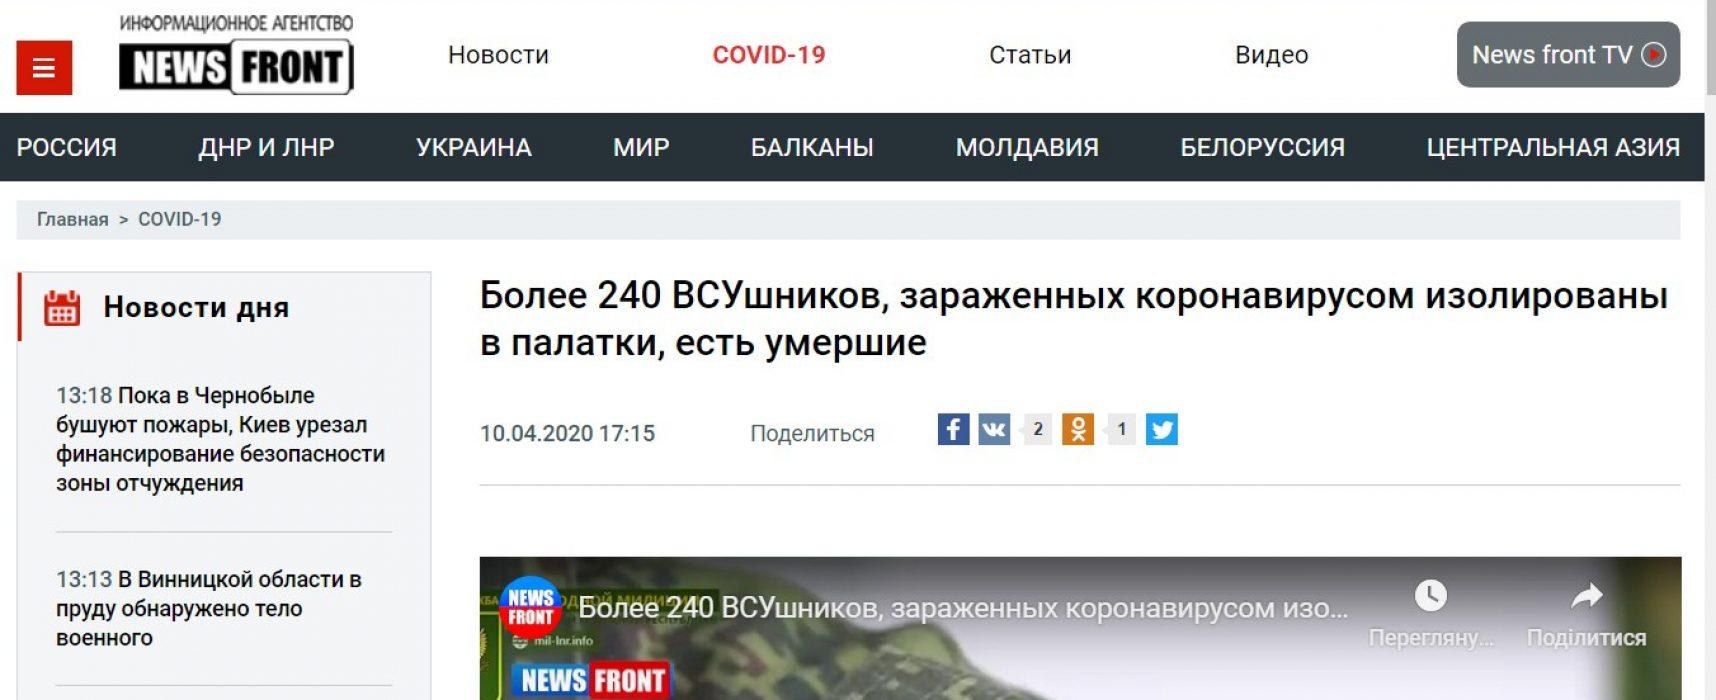 Фейк: Более 240 ВСУшников заражены коронавирусом